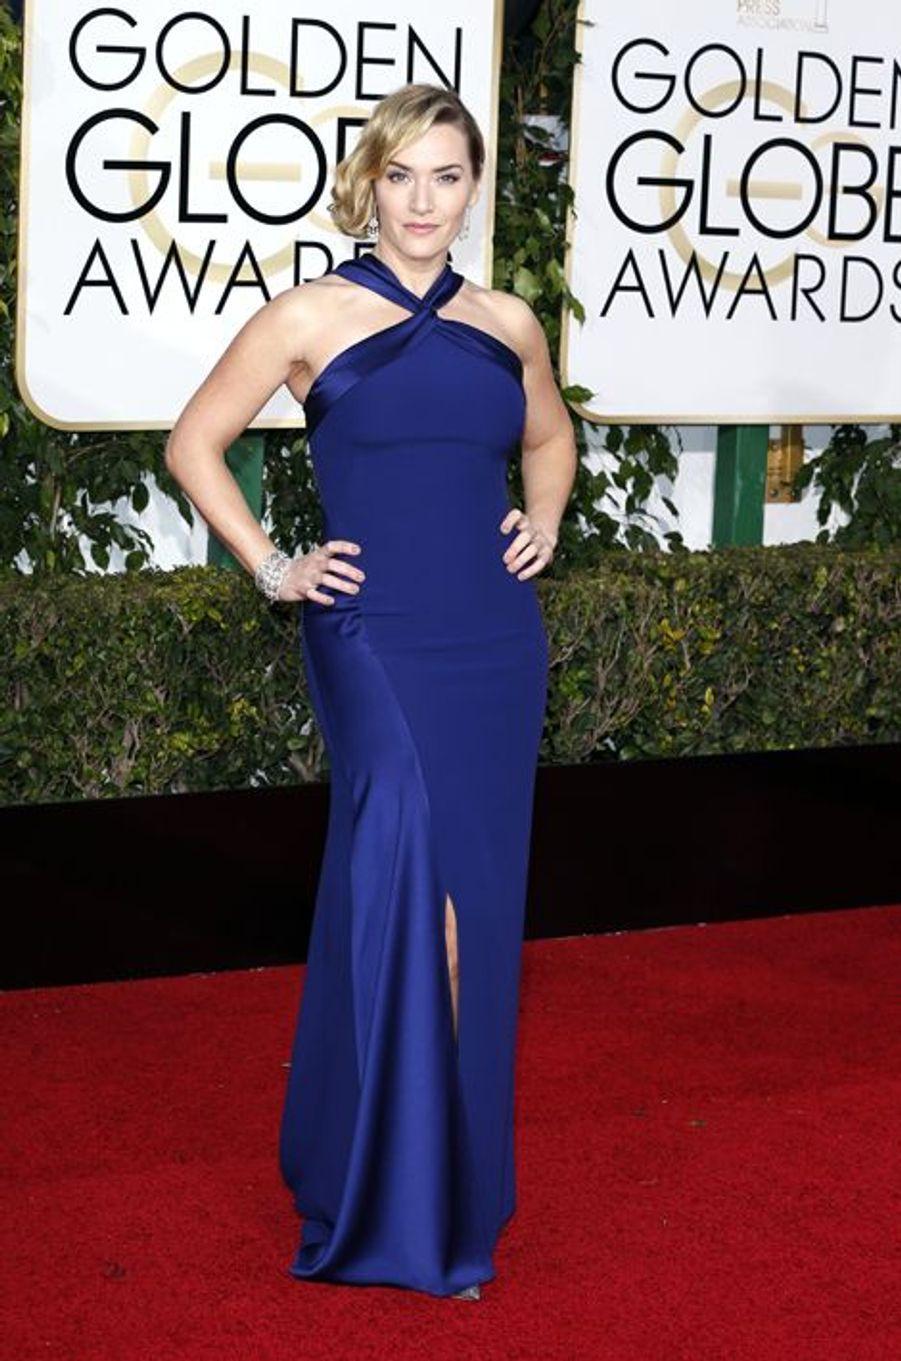 """Dimanche, la cérémonie des Golden Globes était organisée au Beverly Hilton Hotel de Los Angeles. Lors de cette 73e édition, l'industrie hollywoodienne a récompensé les nombreux films et artistes ayant marqué le cinéma ces derniers mois. Sacré pour sa prestation dans «The Revenant» (meilleur acteur dans un drame), Leonardo DiCaprio a attiré toute l'attention des caméras, à l'instar des comédiennes Brie Larson (meilleure actrice dans un drame pour «Room»), Jennifer Lawrence («Joy») ou bien encore Kate Winslet («Jobs»).En images : découvrez les lauréats de cette 73e éditionÀ lire aussi : """"The Revenant"""" triomphe aux Golden GlobesSur le tapis rouge des festivités, les stars sont apparues radieuses pour dévoiler leur plus belle robe. De Lanvin à Yves Saint Laurent, en passant par Marchesa, Reem Acra, Monique Lhuillier, Zuhair Murad et Michael Kors, les célébrités avaient jeté leur dévolu sur les créateurs les plus prestigieux.Retrouvez dans notre diaporama ci-dessus une sélection des tenues qui ont marqué cette 73e édition."""